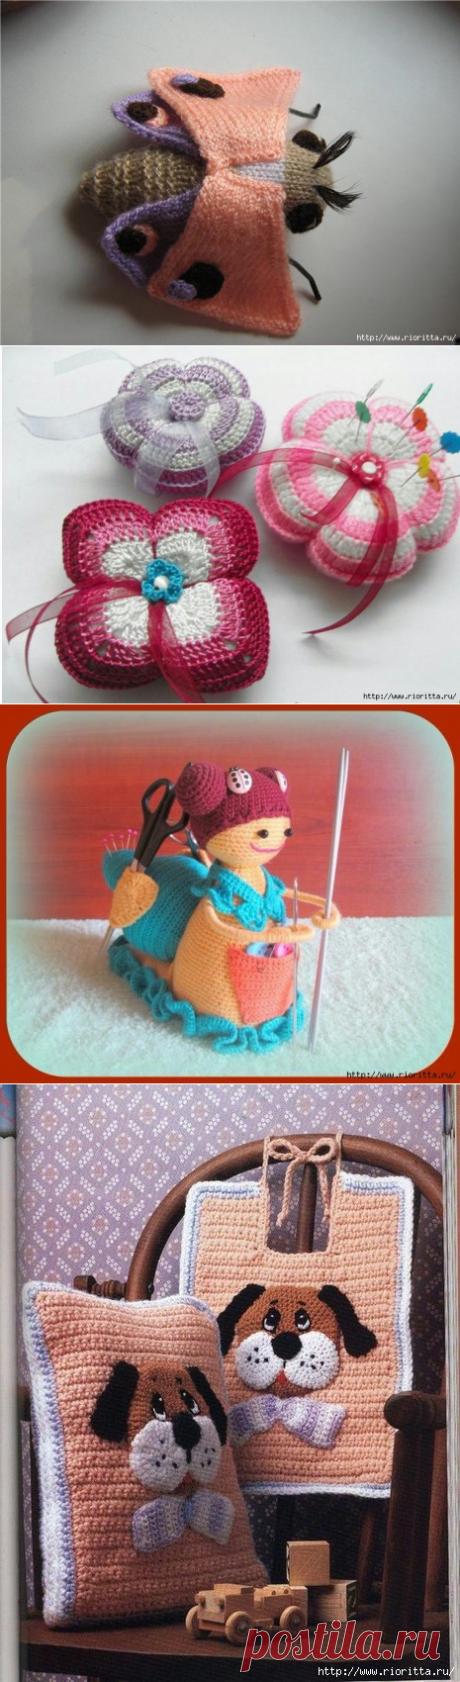 Вязание для дома: сумки, подушки, прихватки | Записи в рубрике Вязание для дома: сумки, подушки, прихватки | Вязаные игрушки